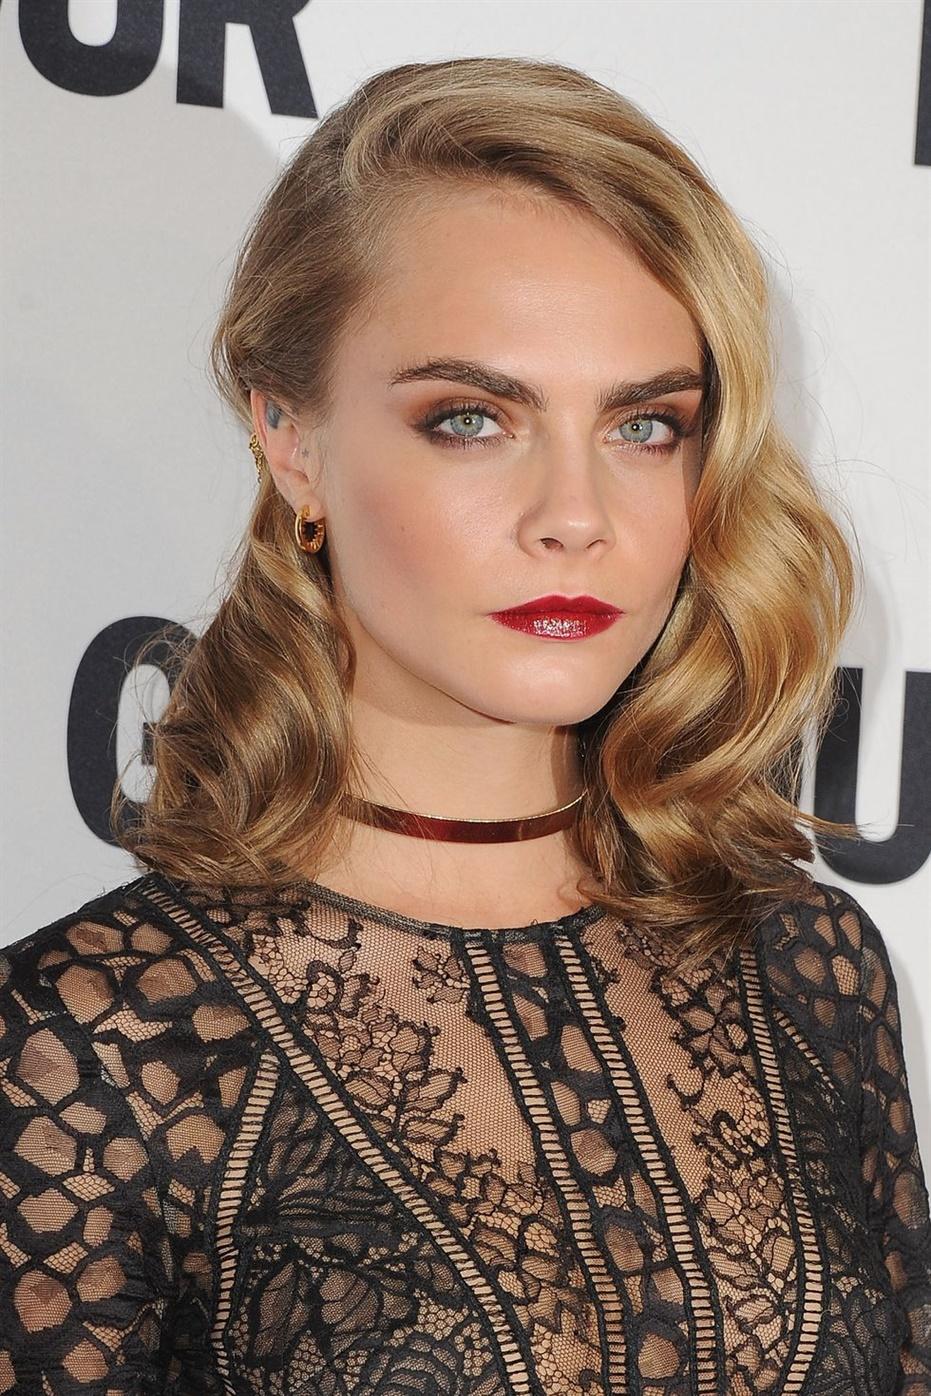 Beste Lange Haarschnitte Frauen Sie können diesen alten Hollywood-Look in nur 10 Minuten erhalten, indem Sie sich Locken geben, eine vordere Welle mit S-förmigen Stiften setzen und sie dann mit Haarspray abschließen.